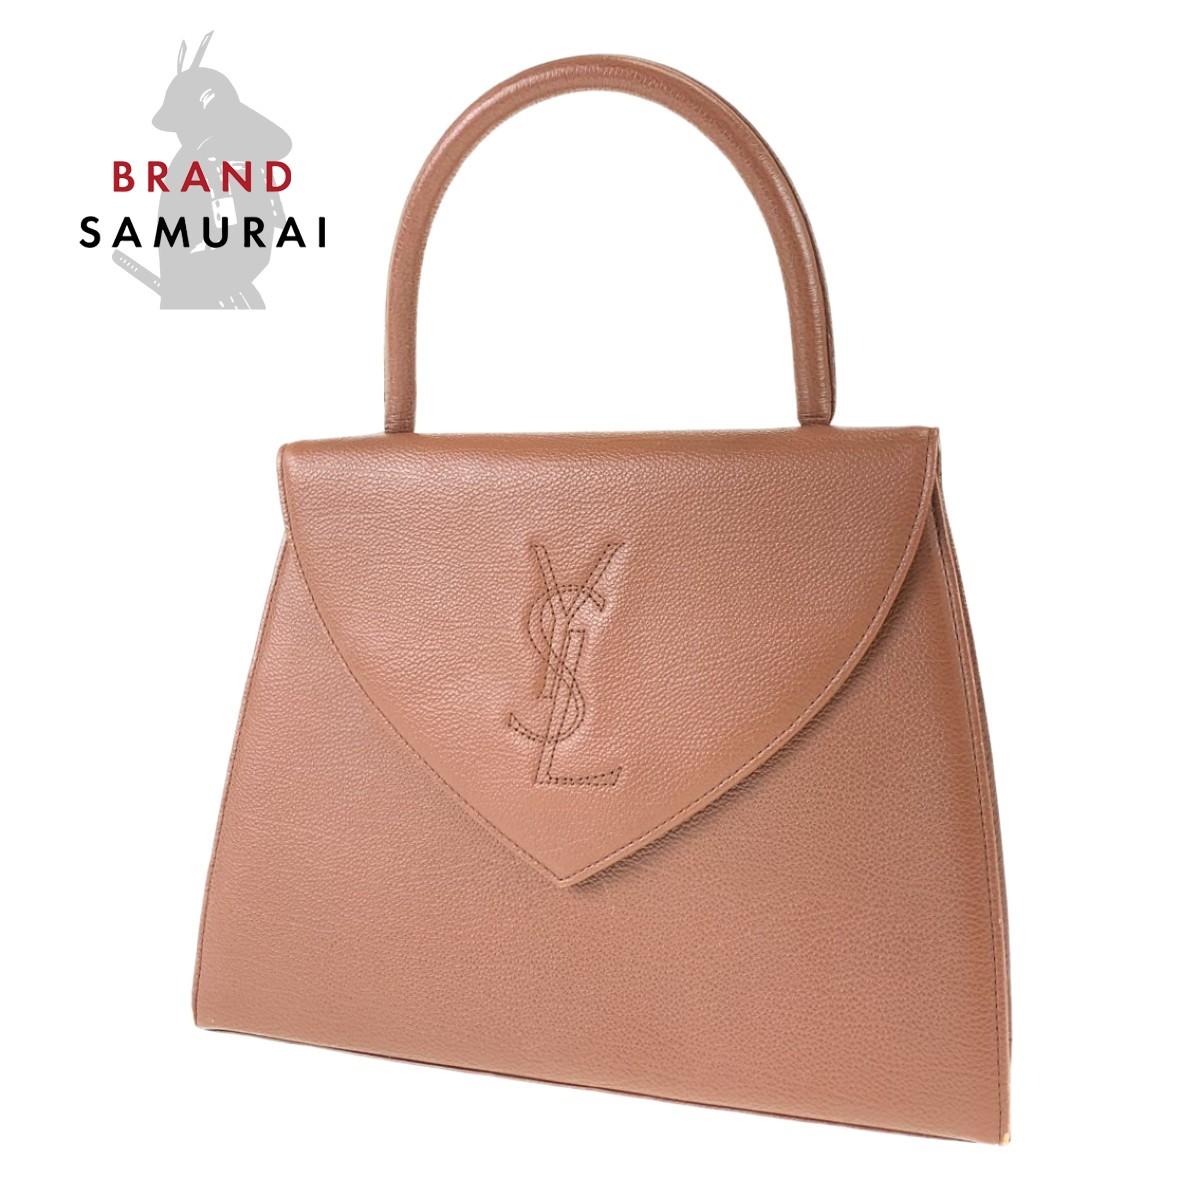 BRAND SAMURAI YVES SAINT 人気 LAURENT イヴ サンローラン レザー 中古 ヴィンテージ 購買 ハンドバッグ レディース 103770 YSL